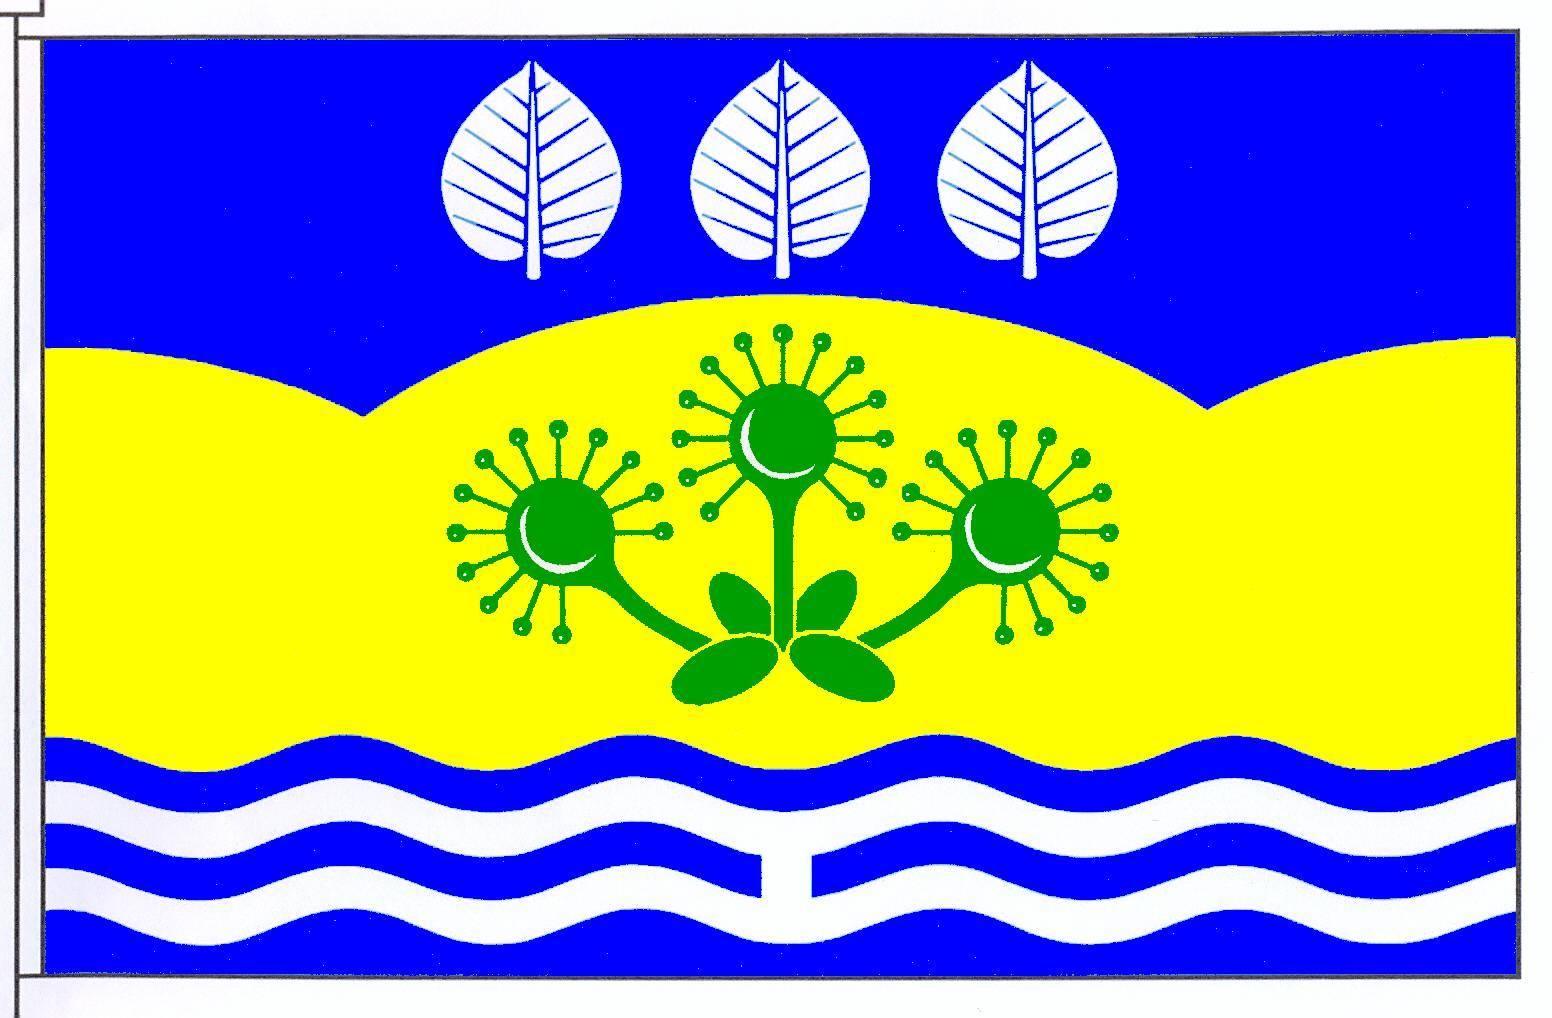 Flagge GemeindeFelm, Kreis Rendsburg-Eckernförde